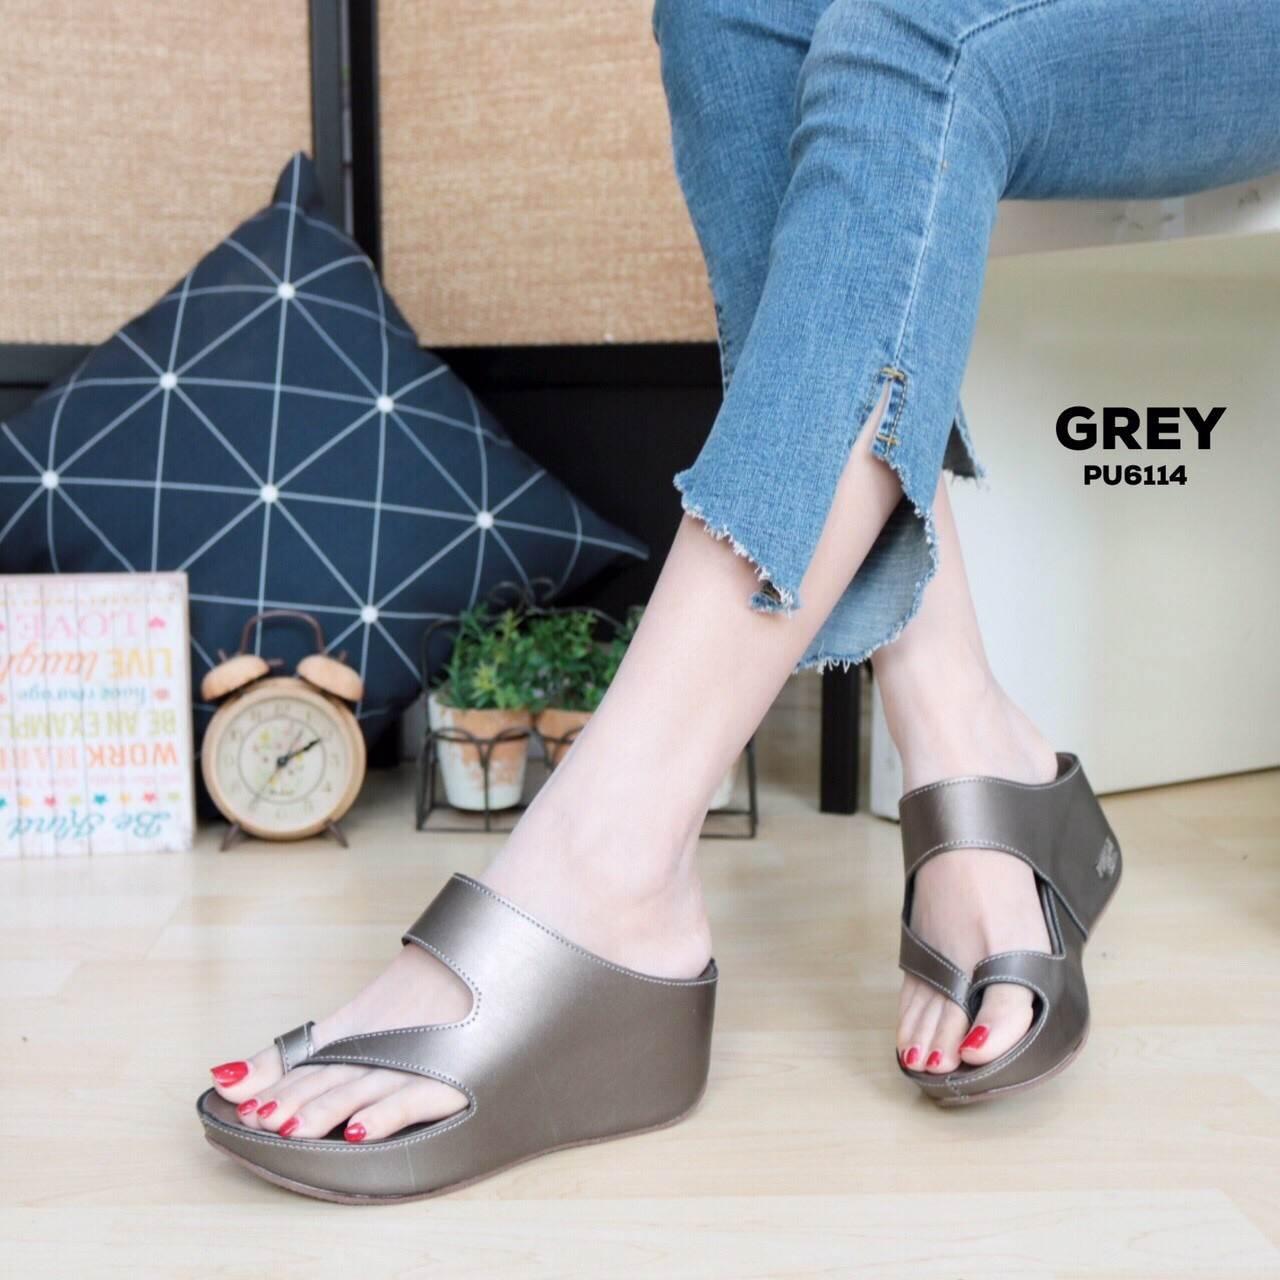 รองเท้าแฟชั่น ส้นเตารีด แบบสวมสวยเรียบเก๋ ทรงสวย หนังนิ่ม ใส่สบาย แมทสวยได้ทุกชุด (PU6114)